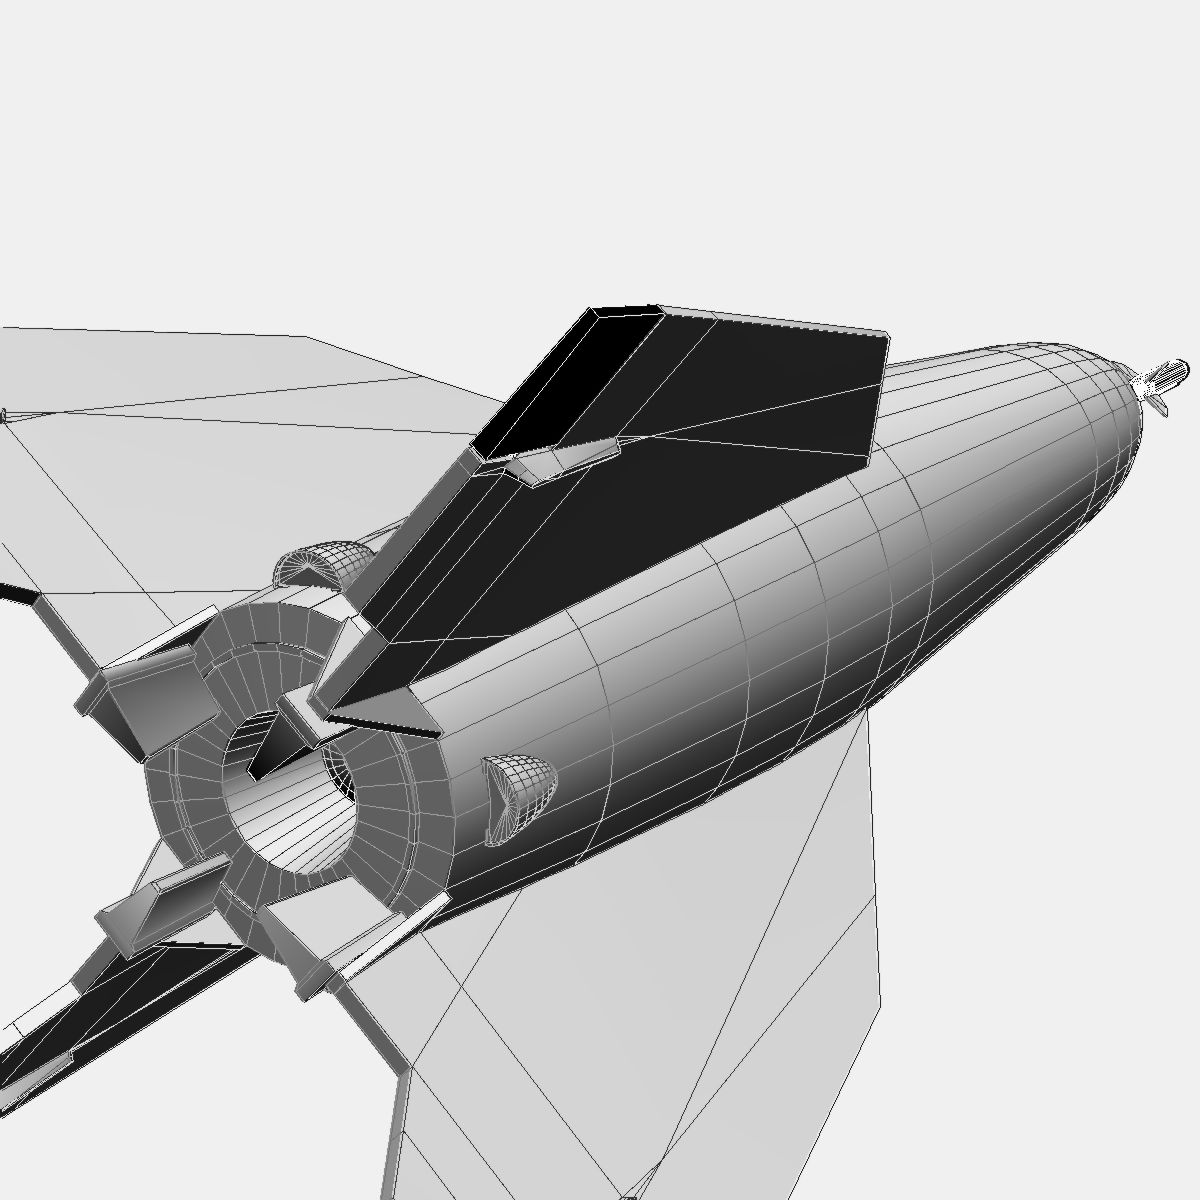 Bumper WAC - Two Stage Sounding Rocket 3d model 3ds dxf cob X obj 162863